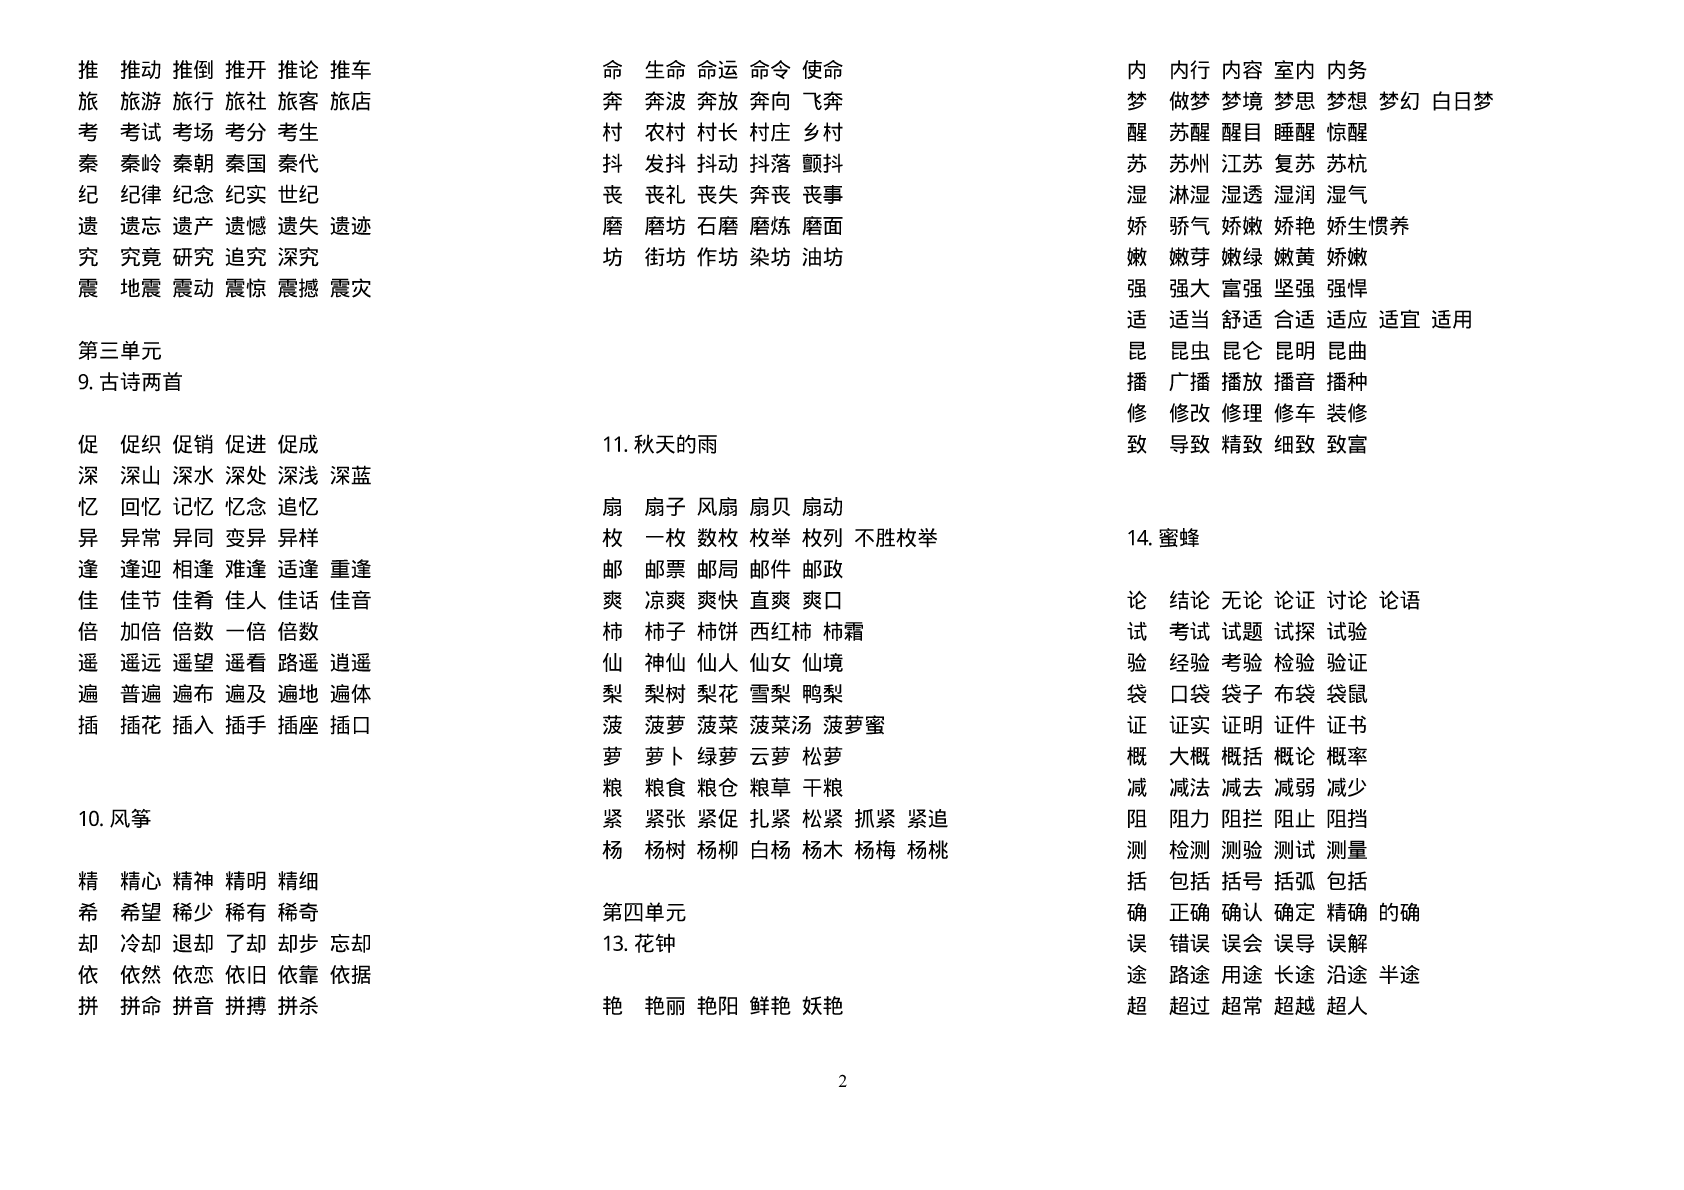 人教版小学语文五年级下册生字表组词全册